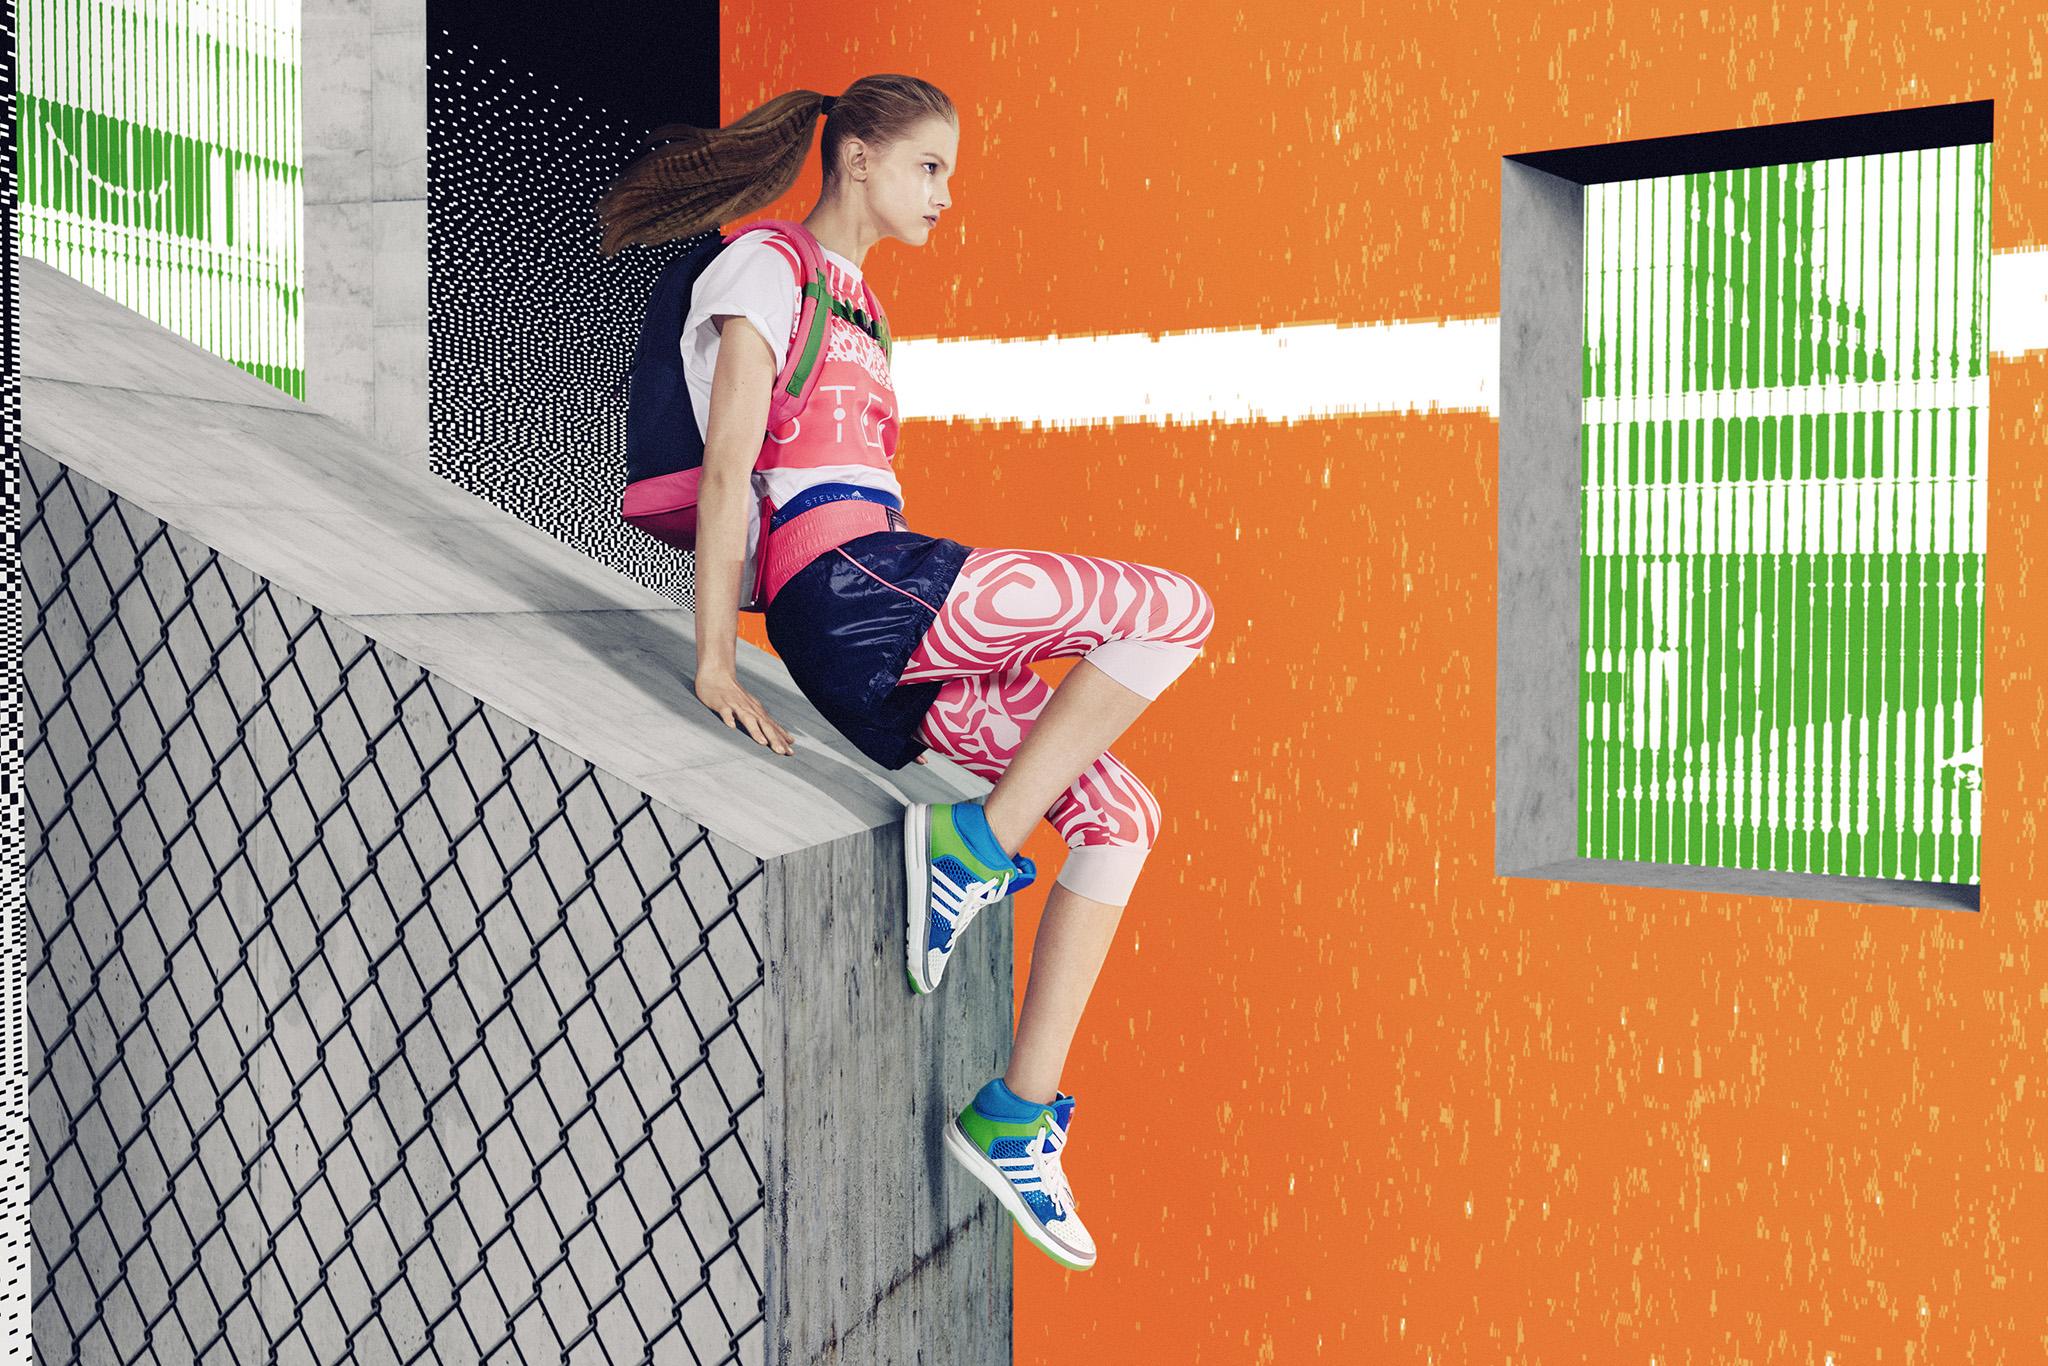 adidas_StellaSport_SS15_06_300dpi.jpg